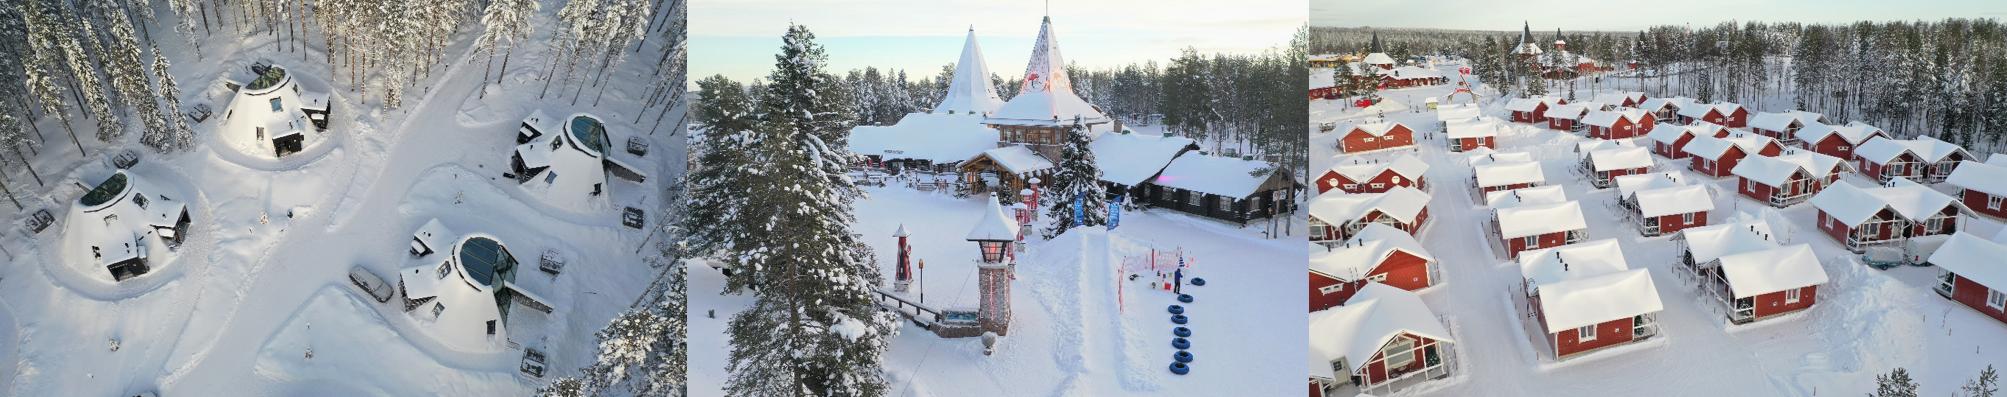 Joulupukin Pajakyla Santa Claus Village